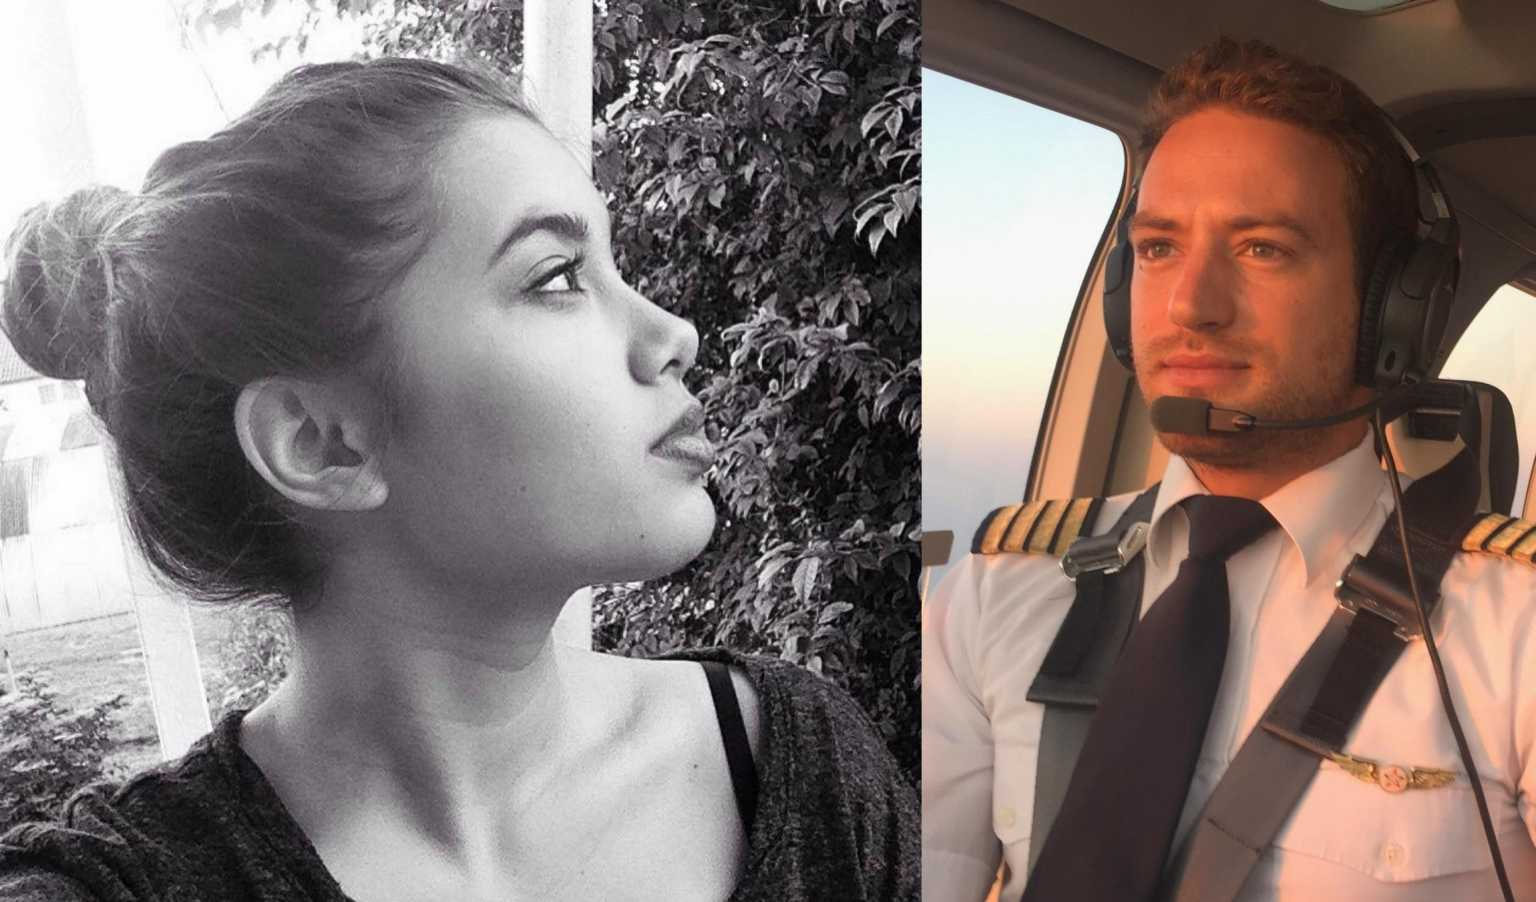 Γλυκά Νερά: Οργή στα social media για τη δολοφονία της Καρολάιν | panathinaikos24.gr